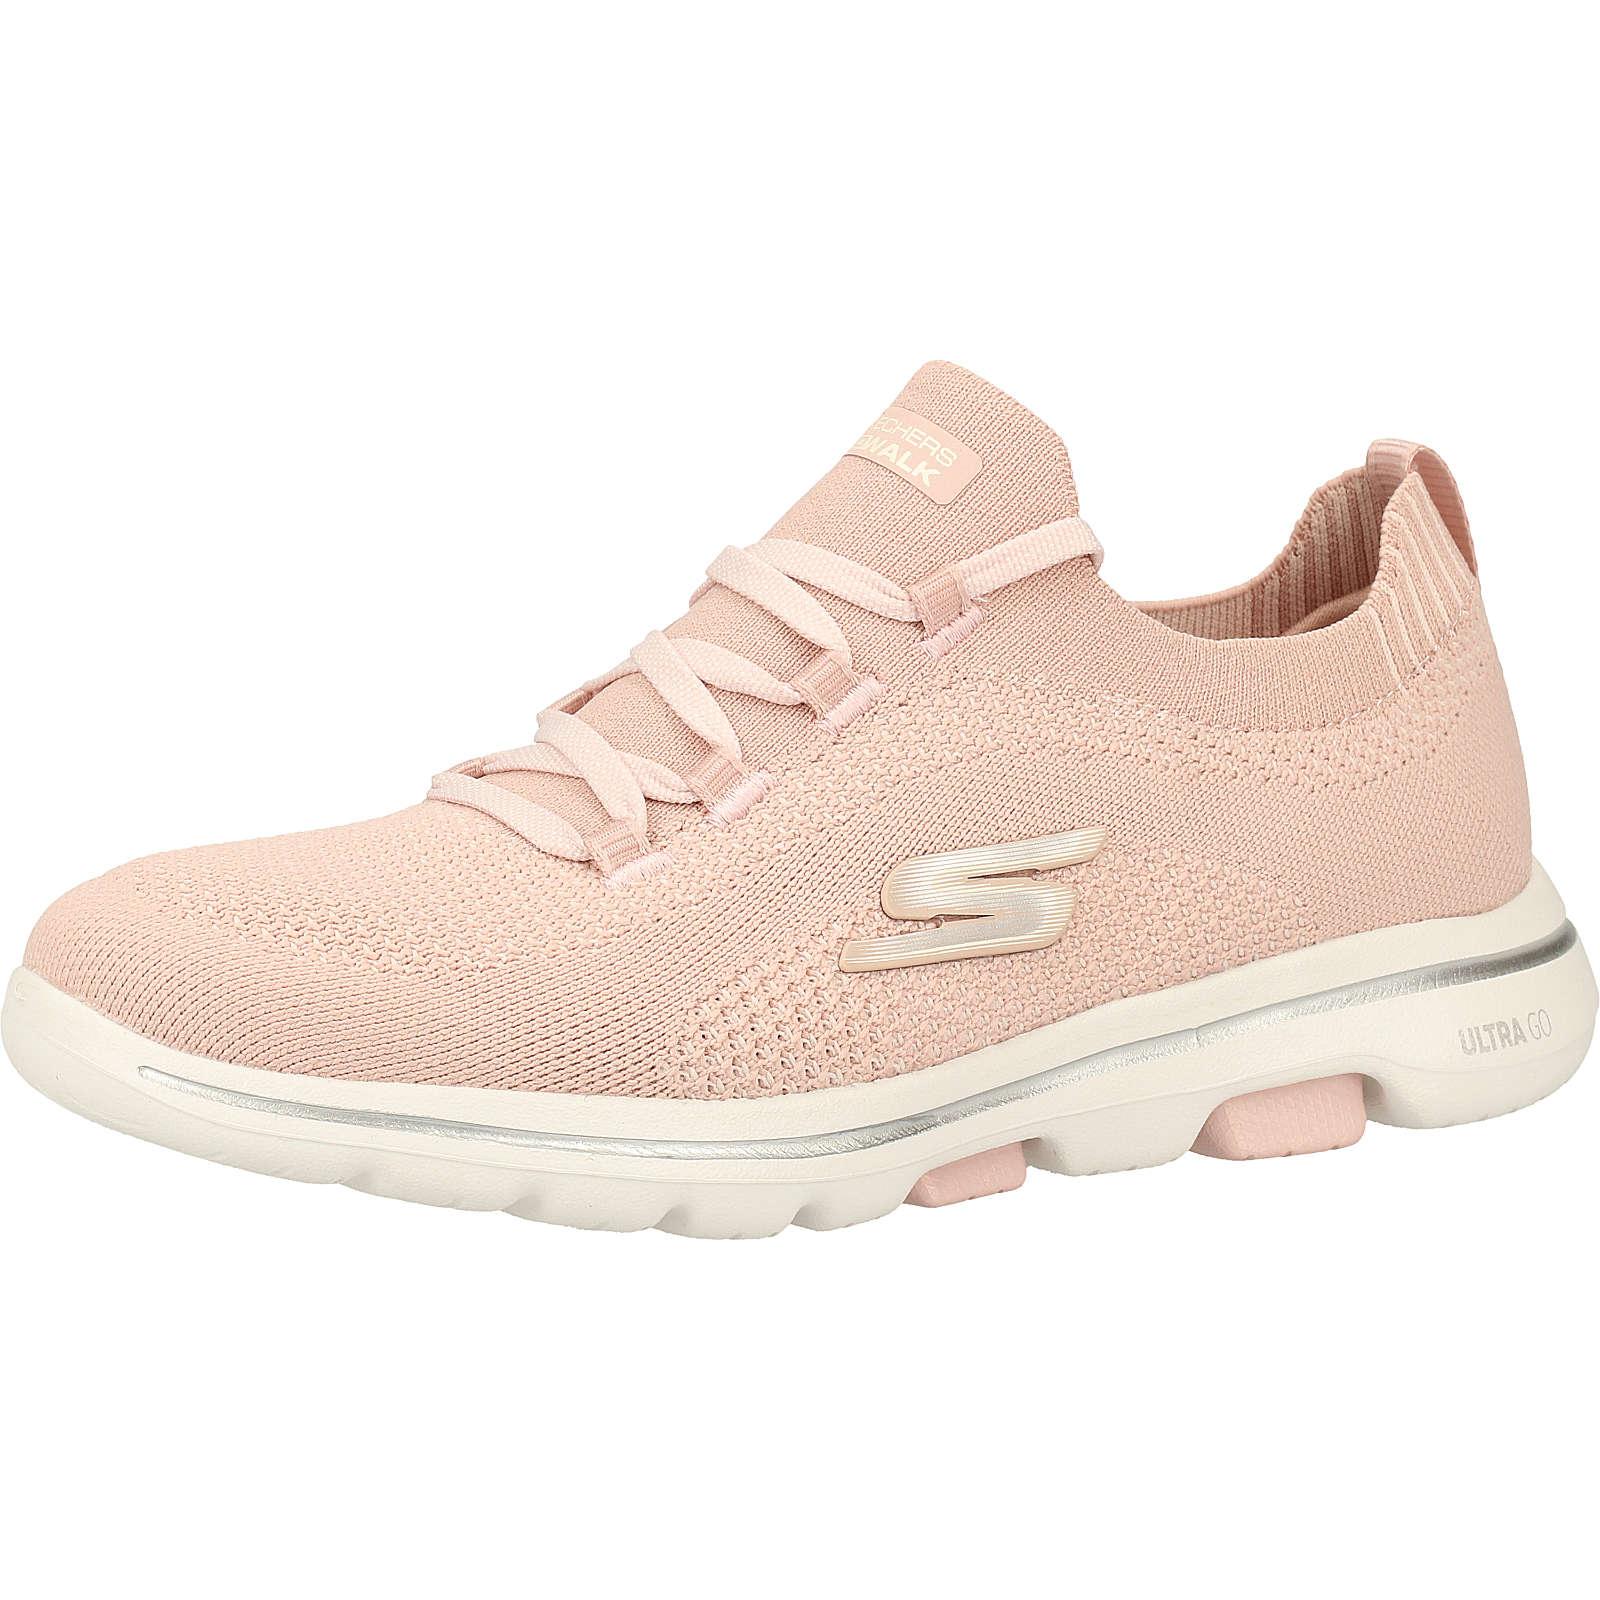 Skechers Sneaker Sneakers Low Pink Damen Gr. 39